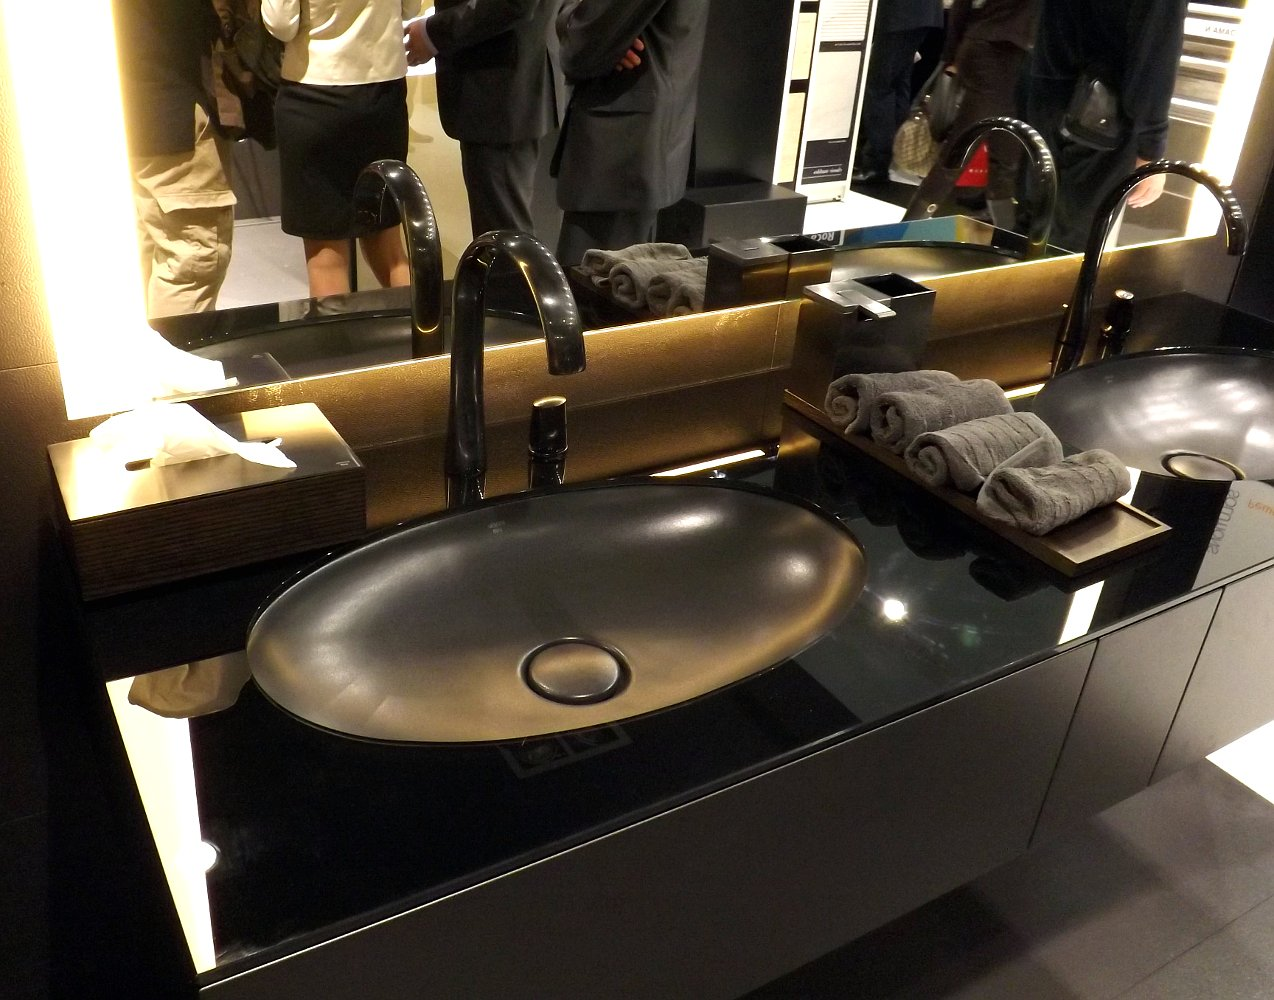 Сантехника и мебель для ванной от Armani-Roca с брашировкой изливов и ручек смесителей